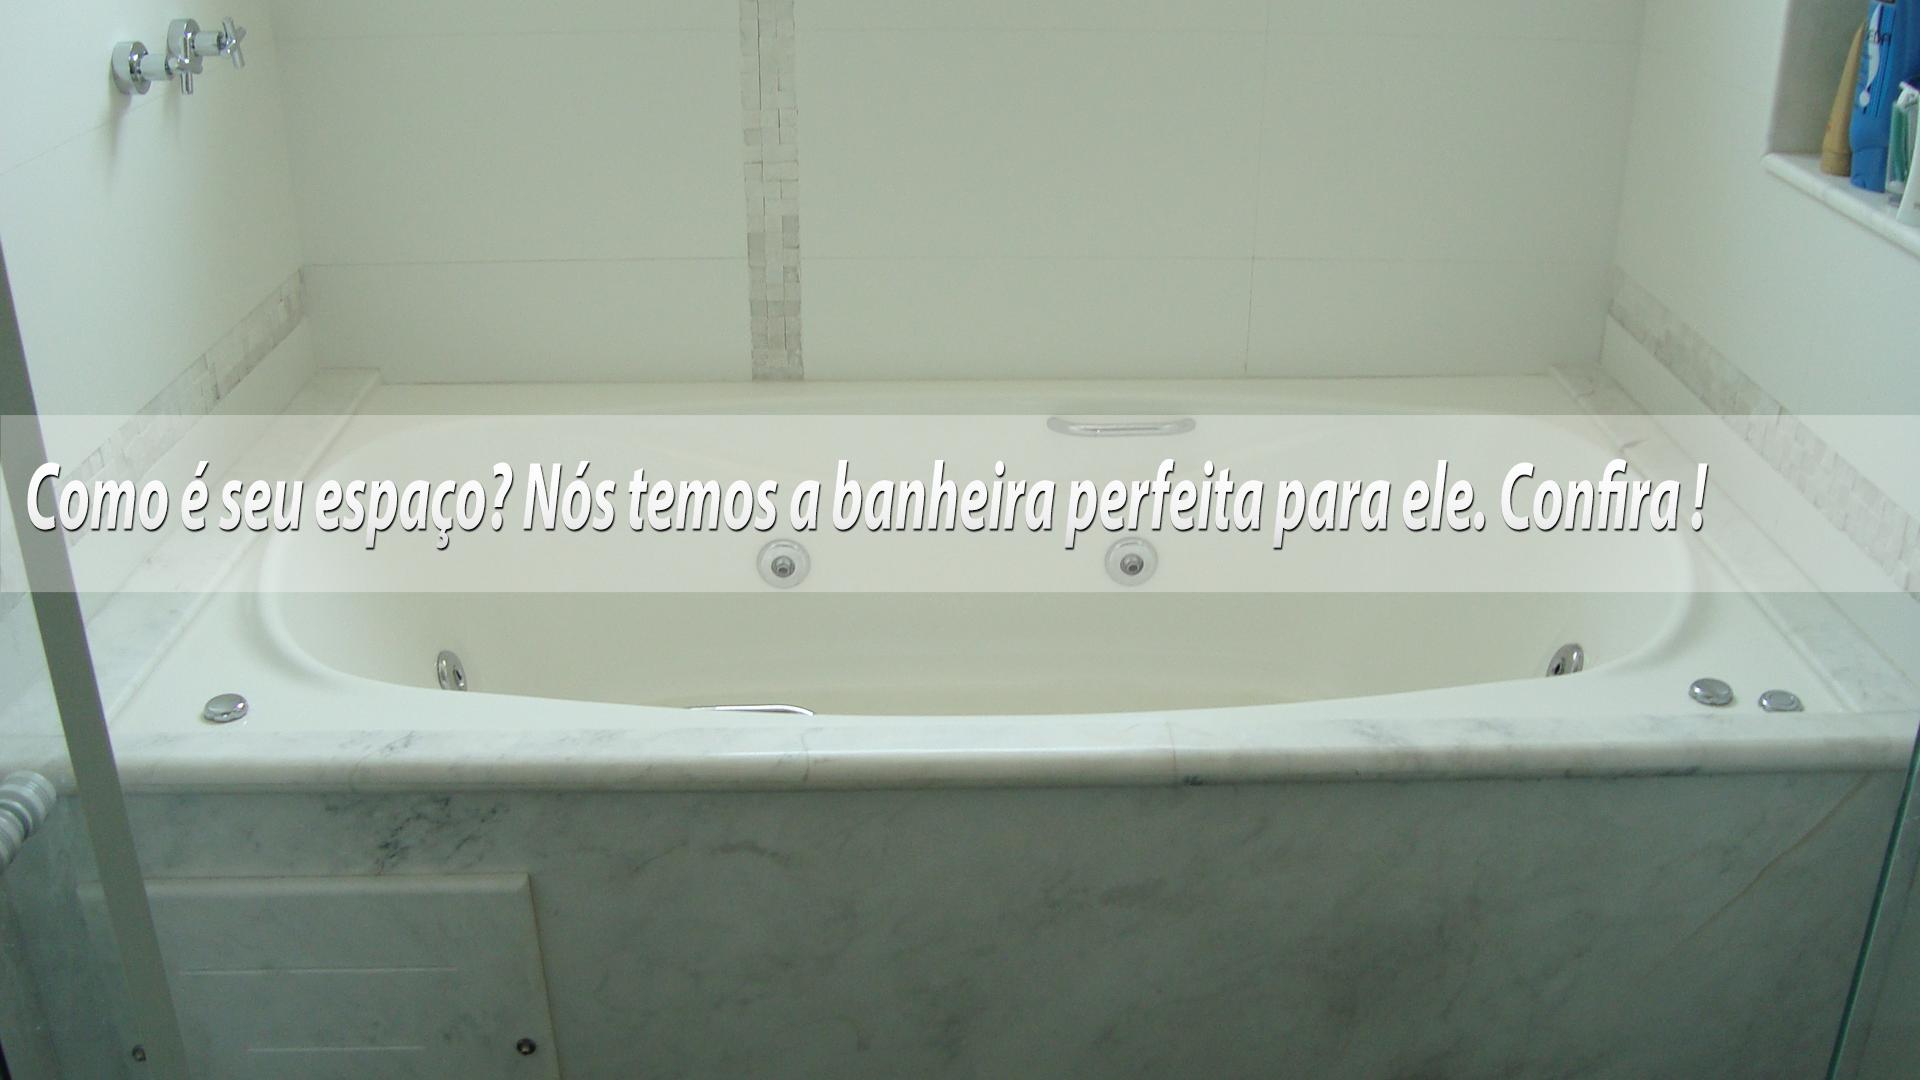 Banheira sem hidro Banheira hidro y Decoração para banheiro com #1B4A75 1920 1080